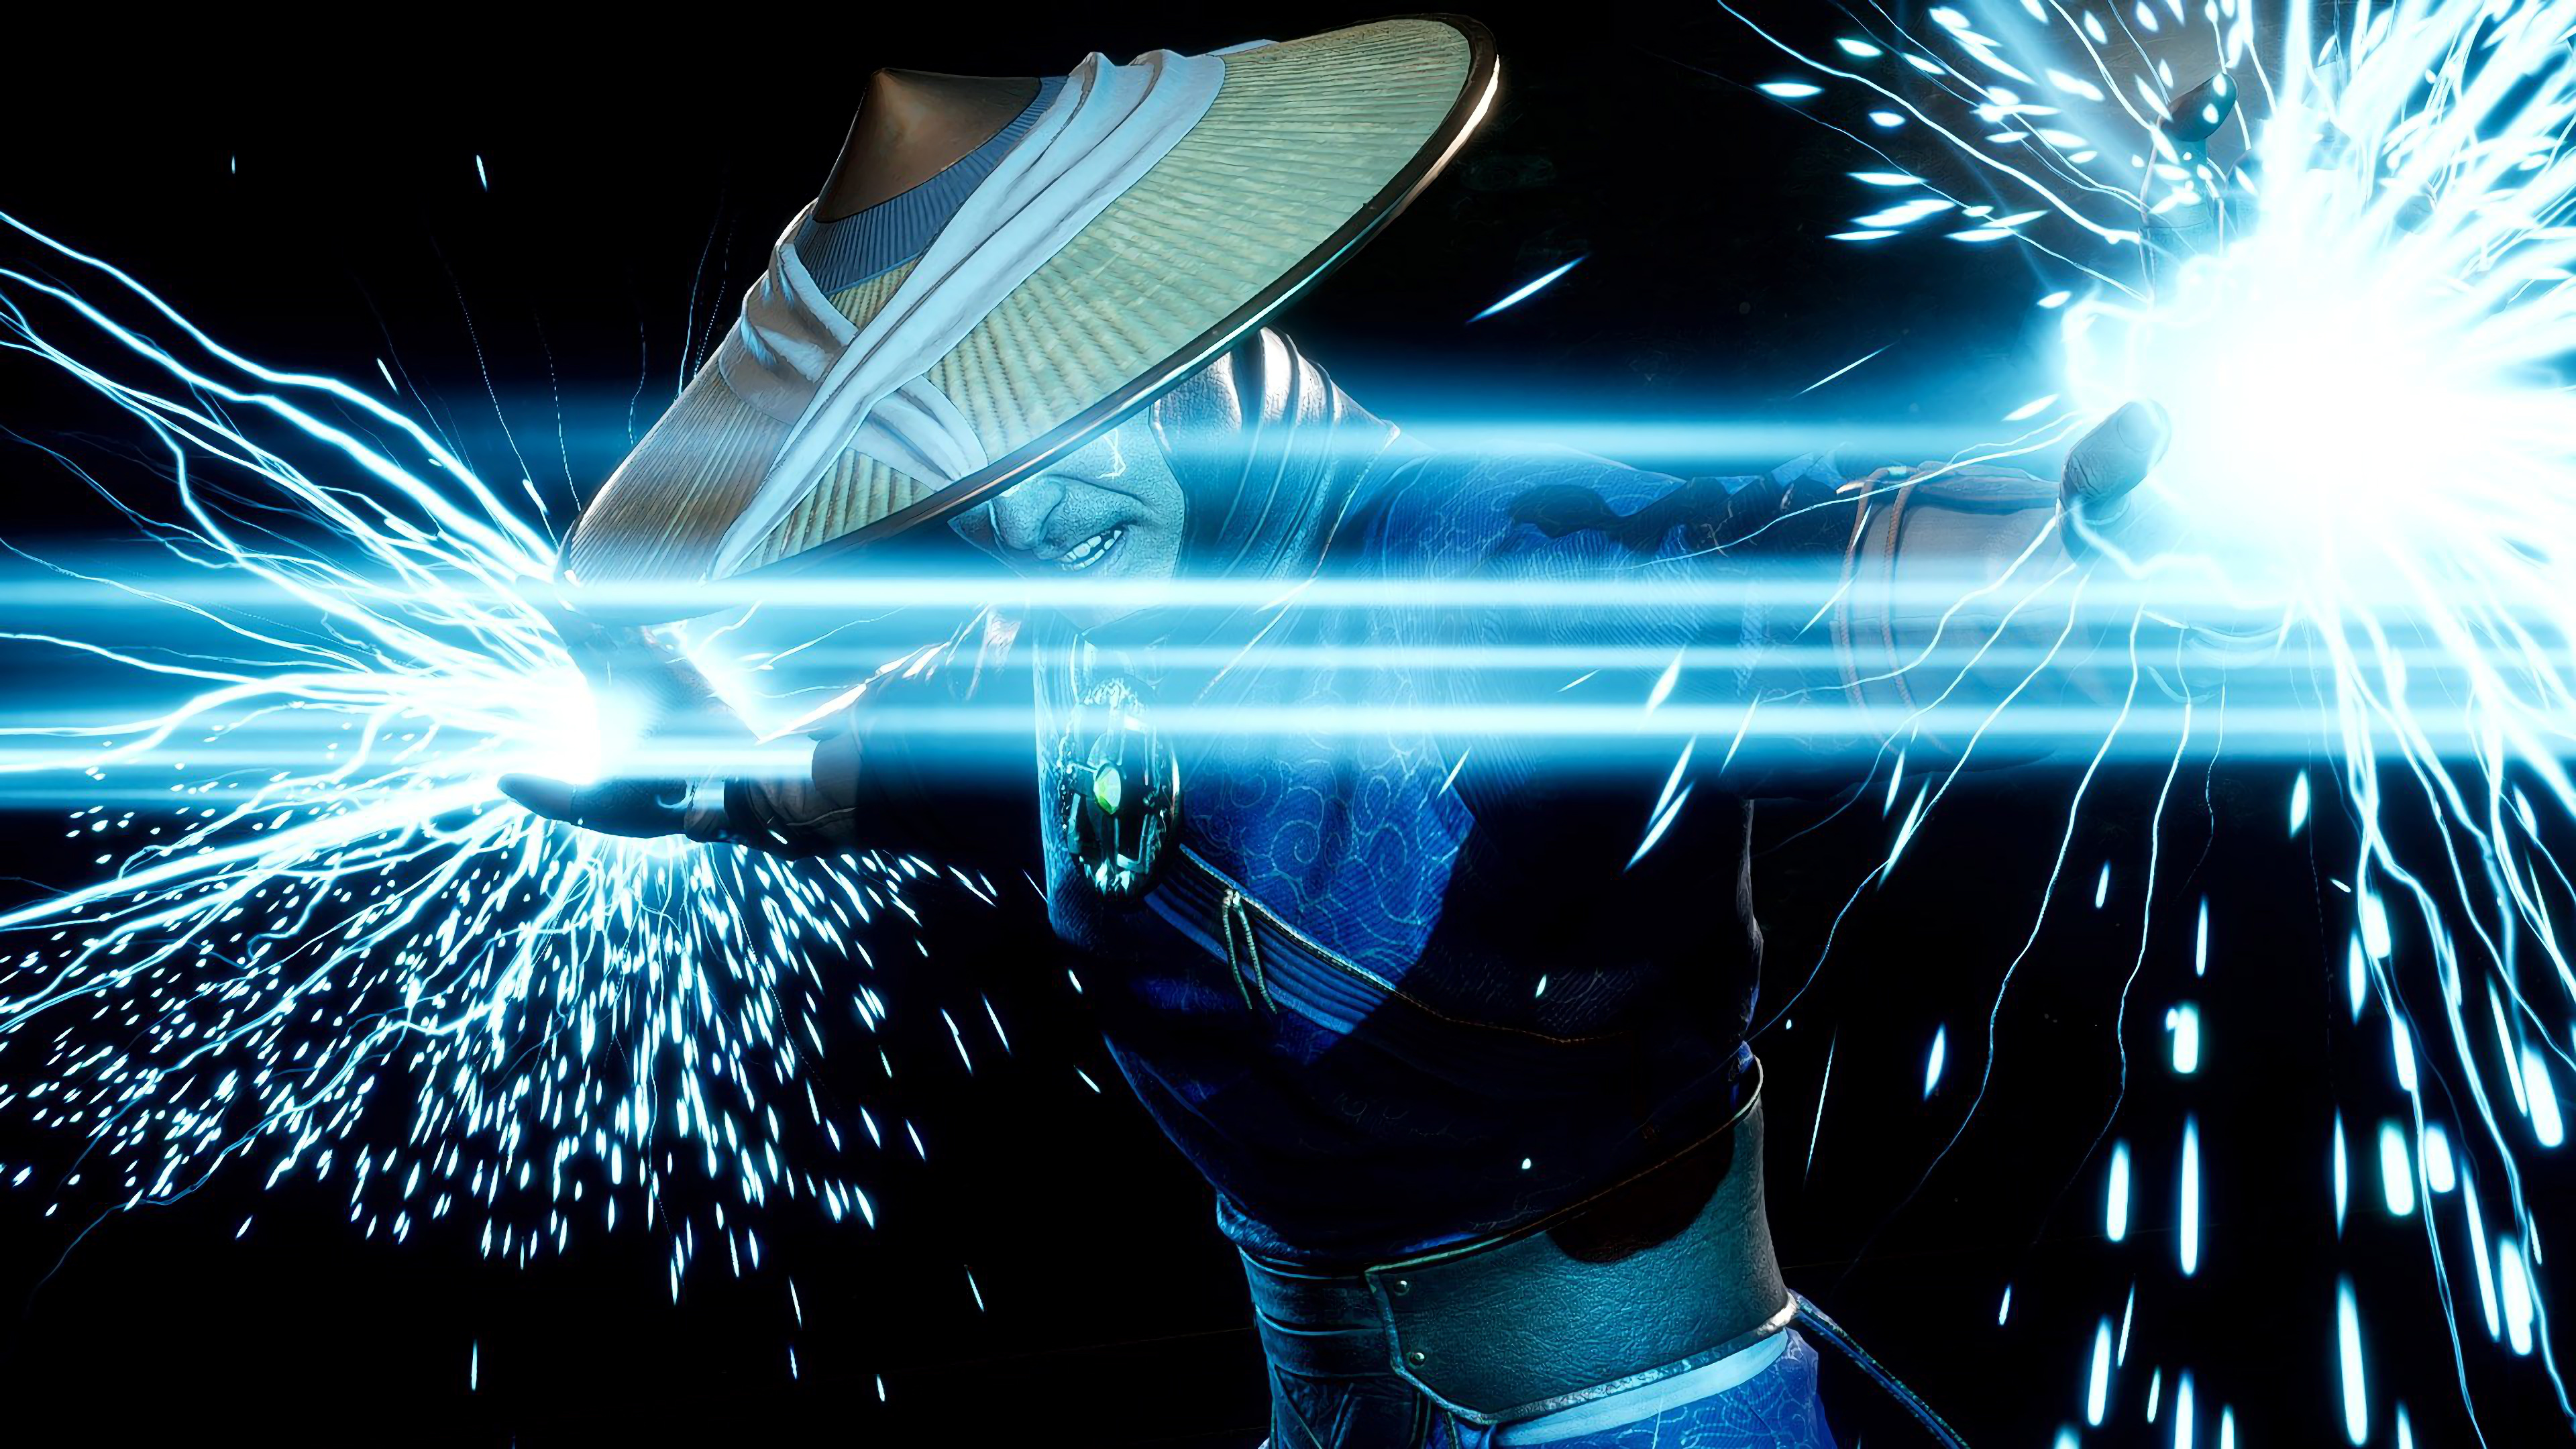 Raiden Lightning Mortal Kombat 11 4k Wallpaper 44